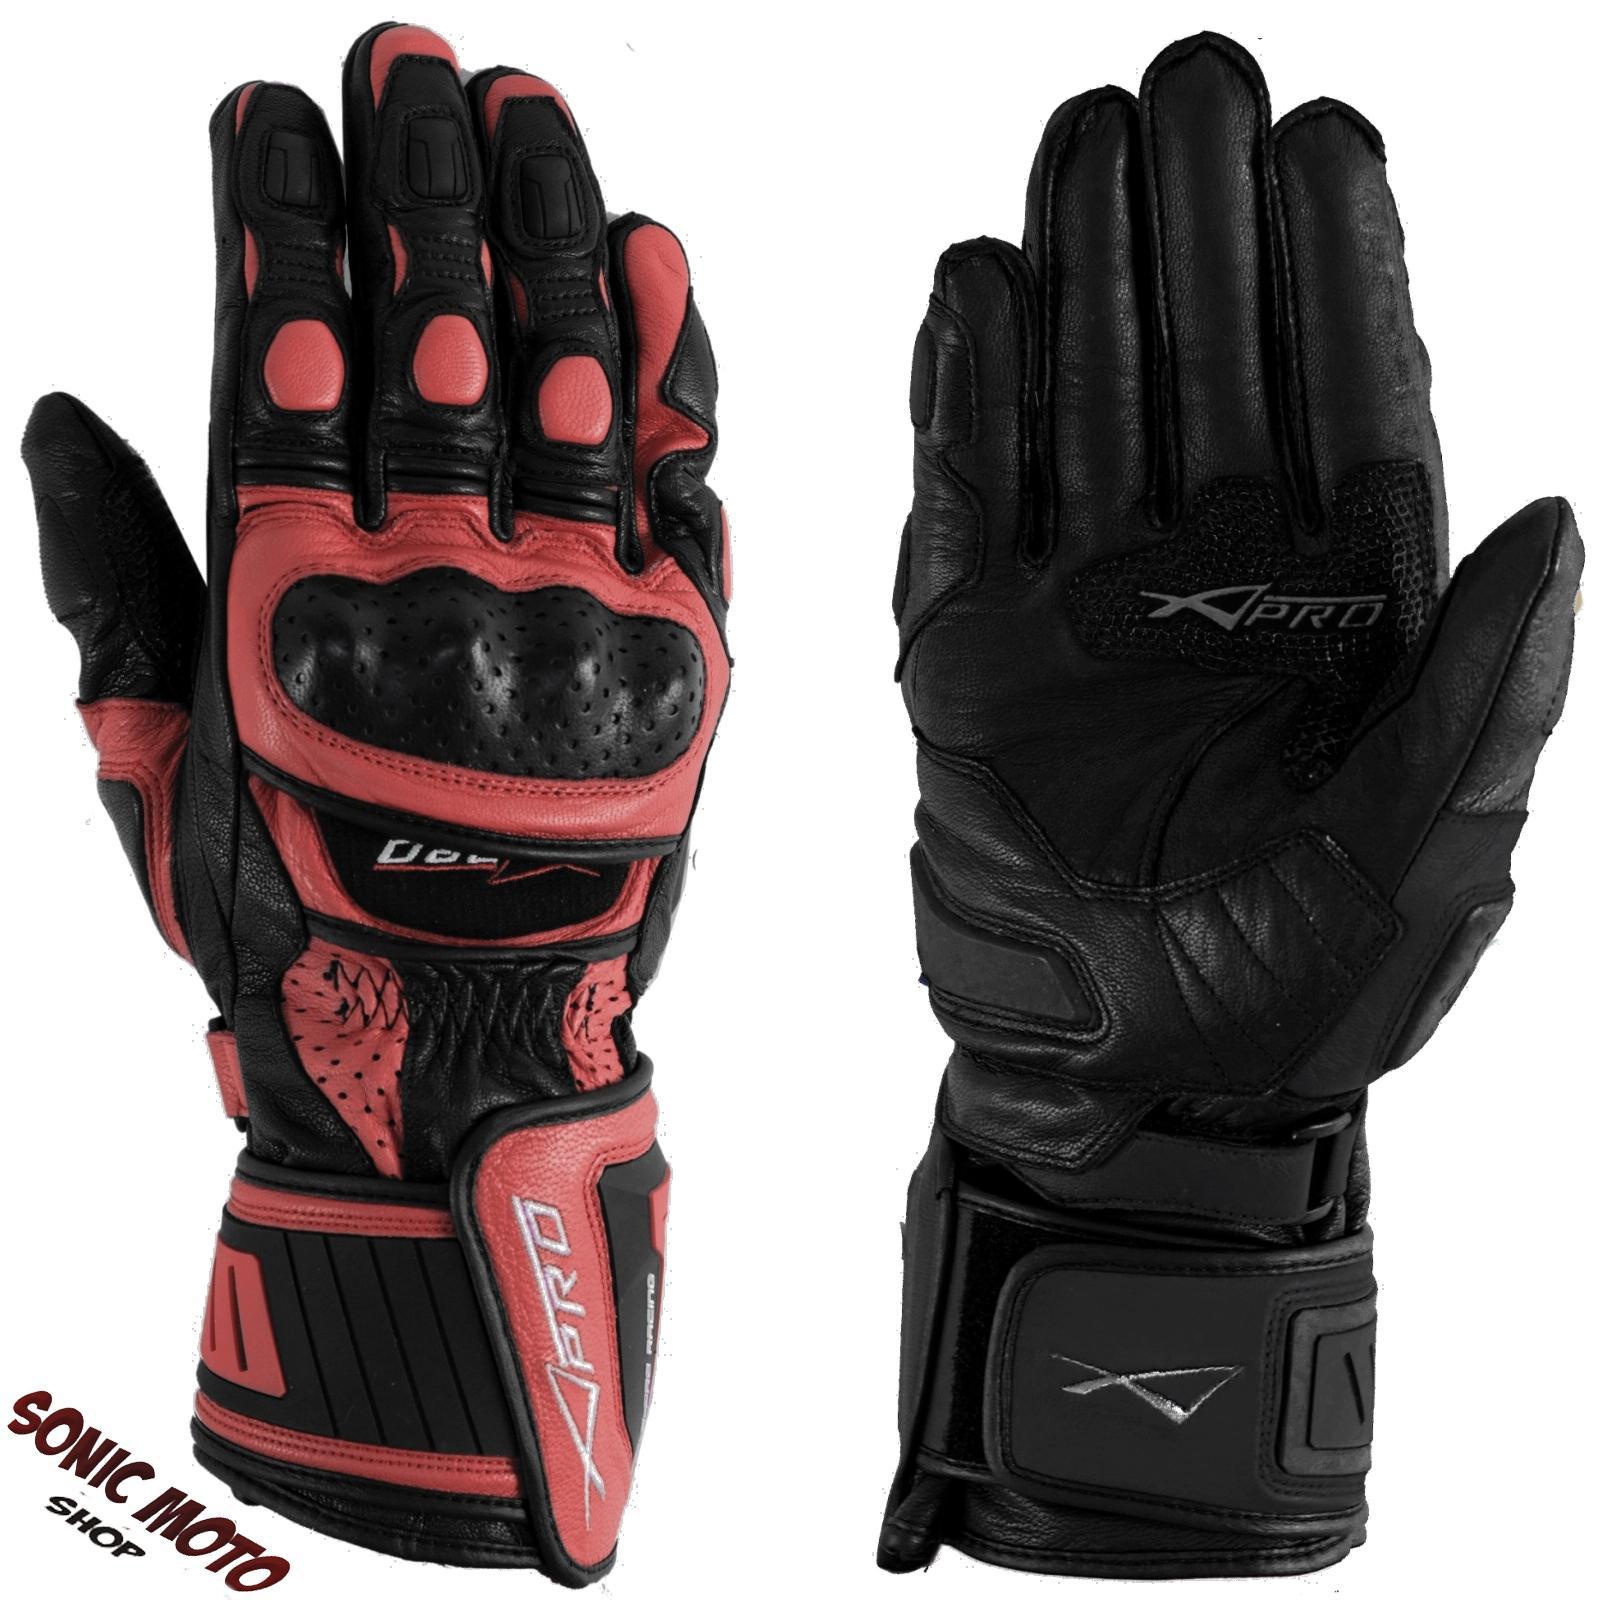 Guantes-Track-Racing-Sport-Protecciones-Tecnico-Profesional-Piel-Moto-Rojo